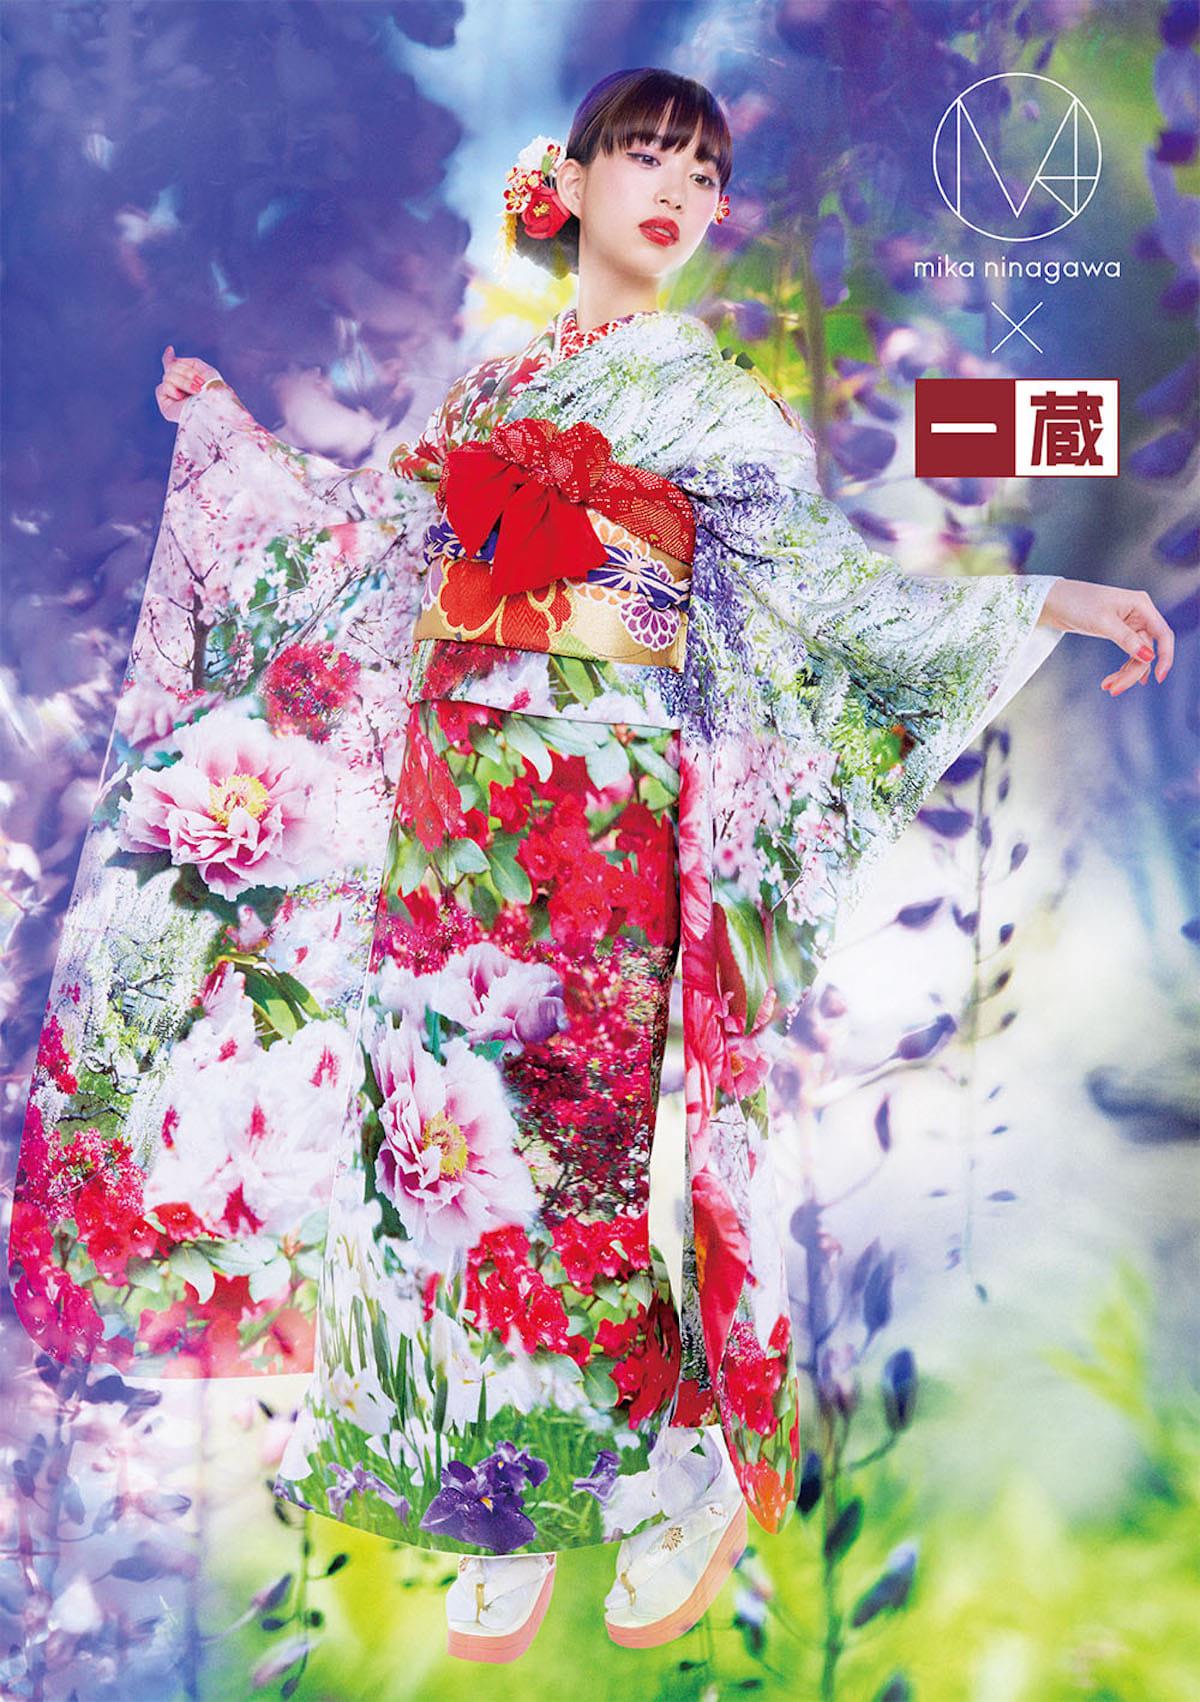 蜷川実花による色彩豊かすぎる振袖を森川葵が着用!ビビットなビジュアル公開 fashion180531_mika-ninagawa_7-1200x1702